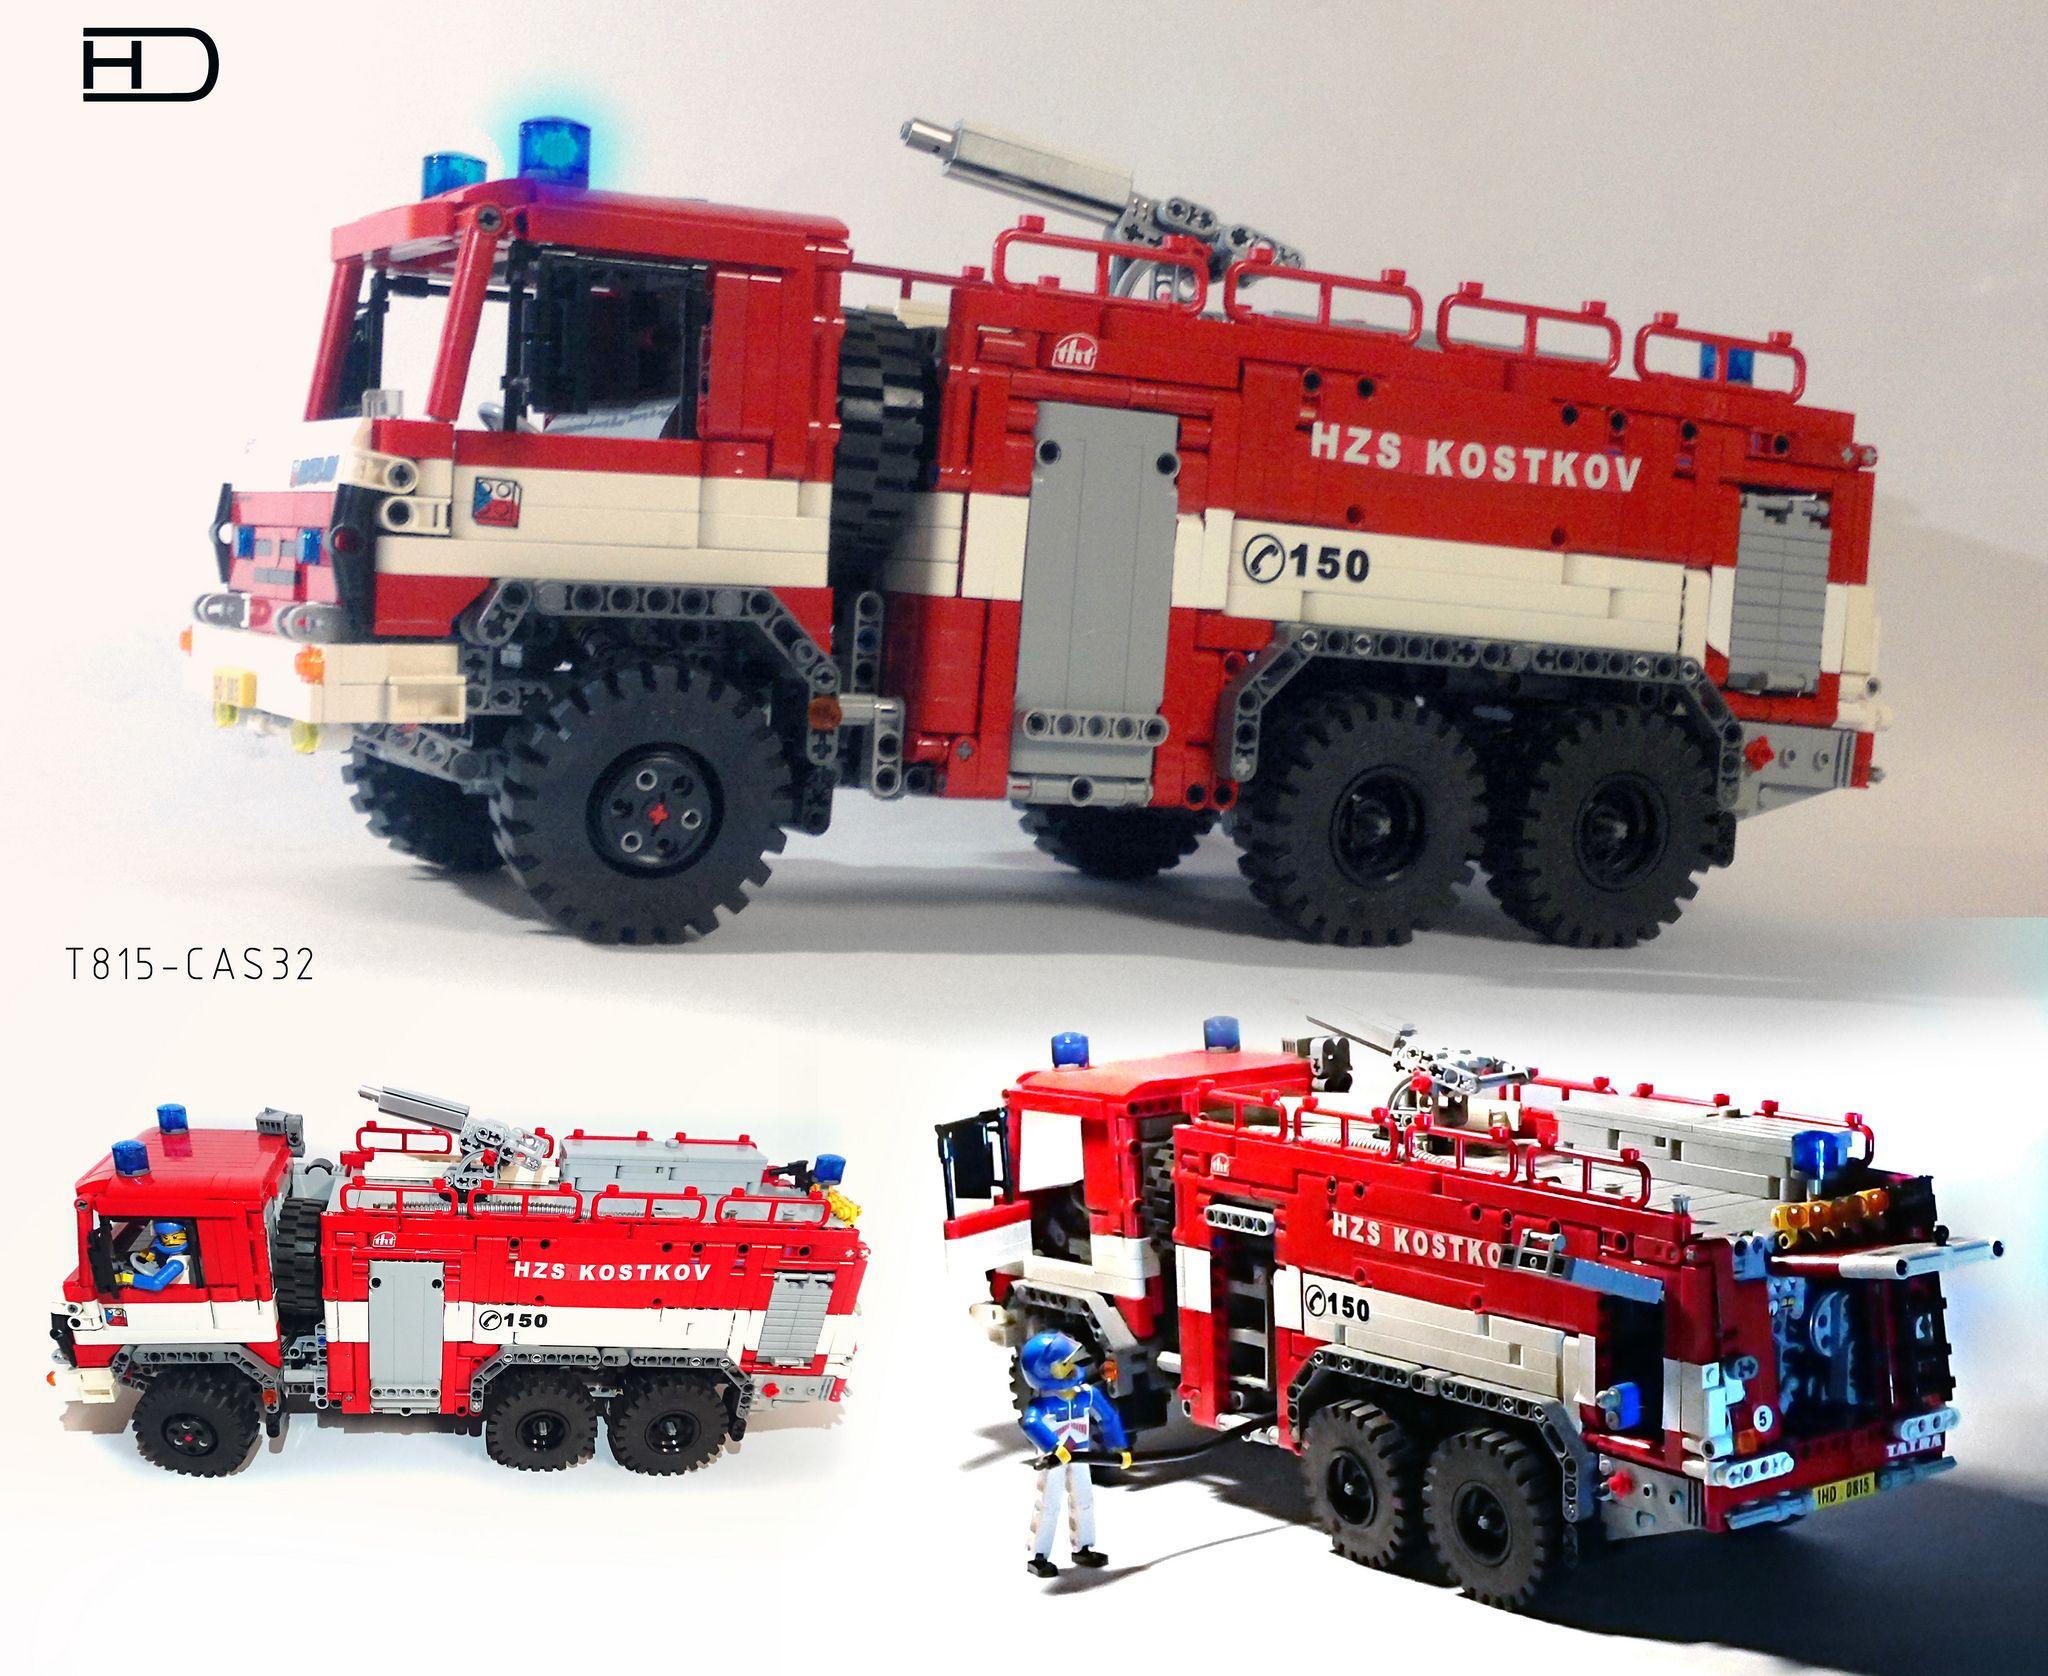 Tatra T815 Cas32 1 20 In 2020 Lego Technic Lego Fire Fire Trucks